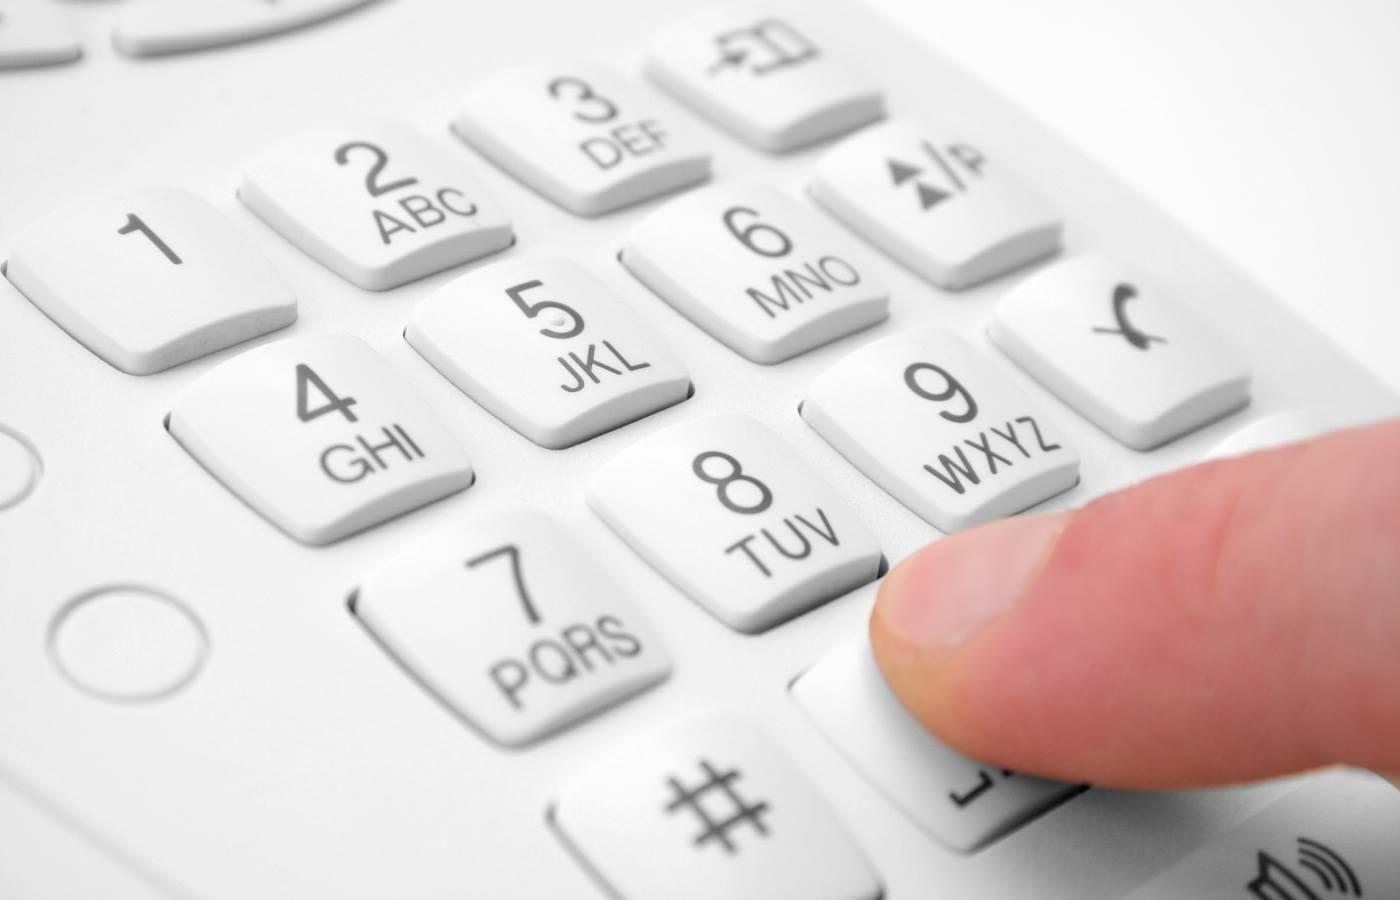 Uniti acquires phonewords provider 1300 Australia - Telco